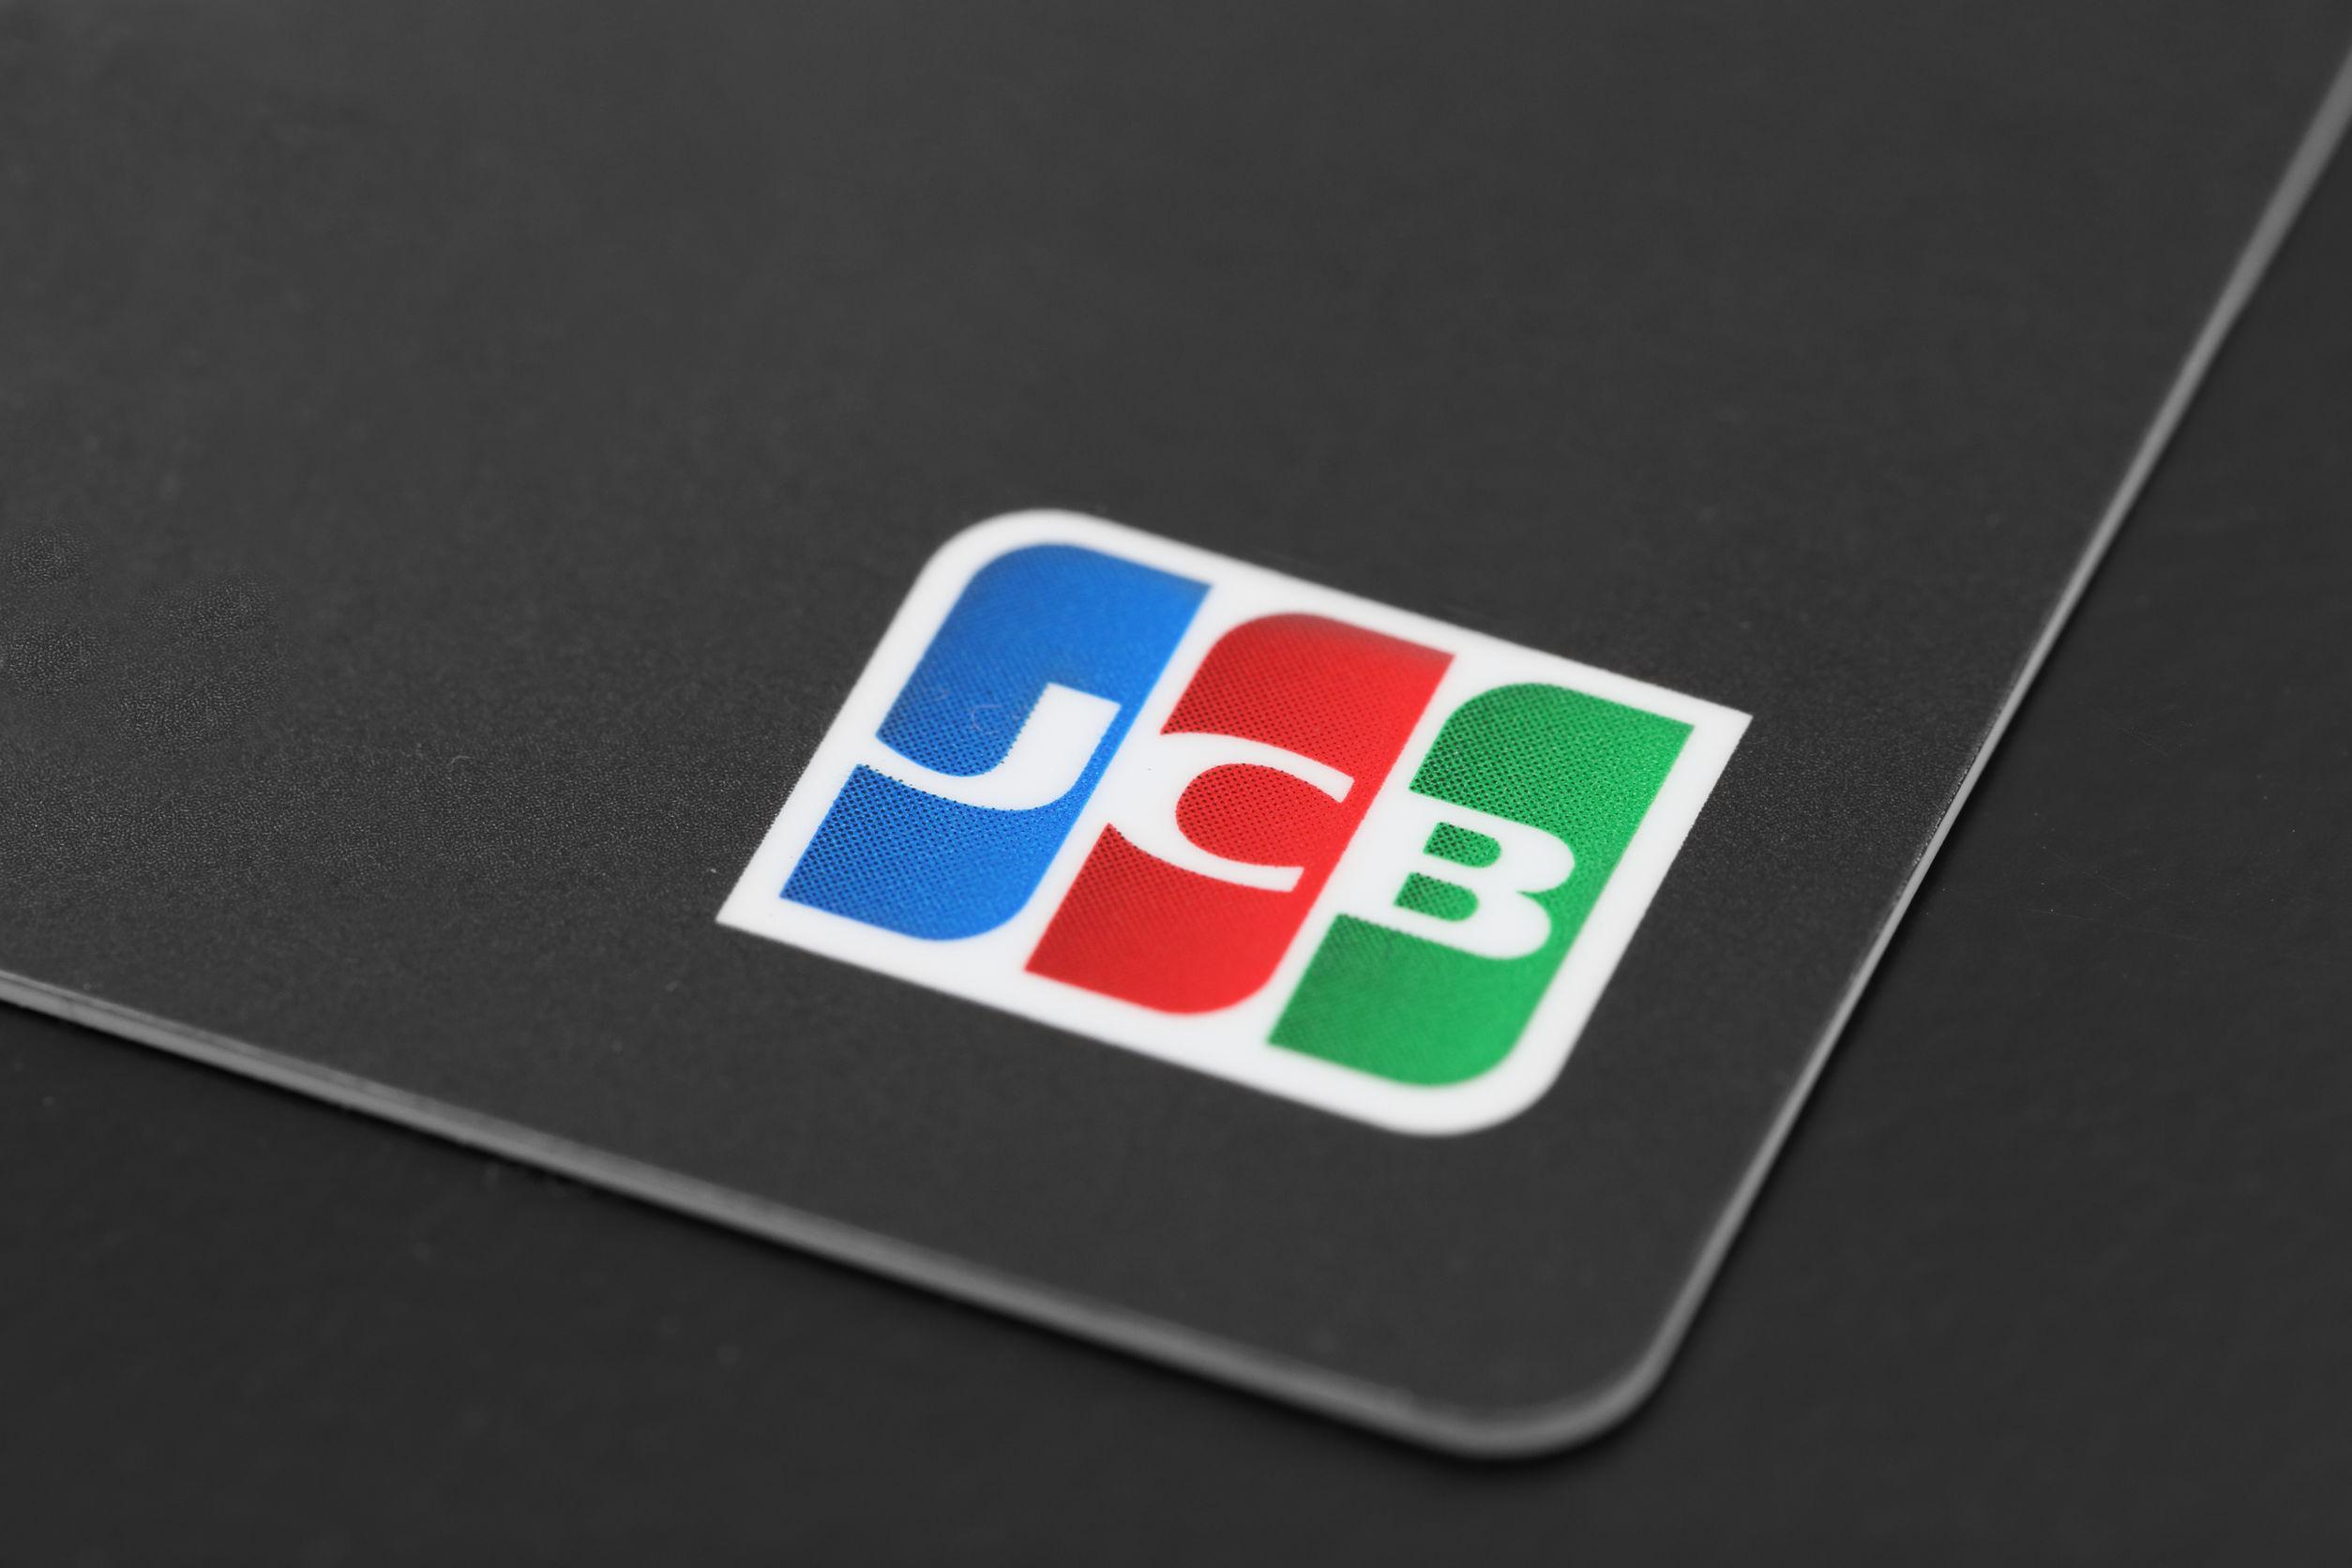 Stock Photo - JCB